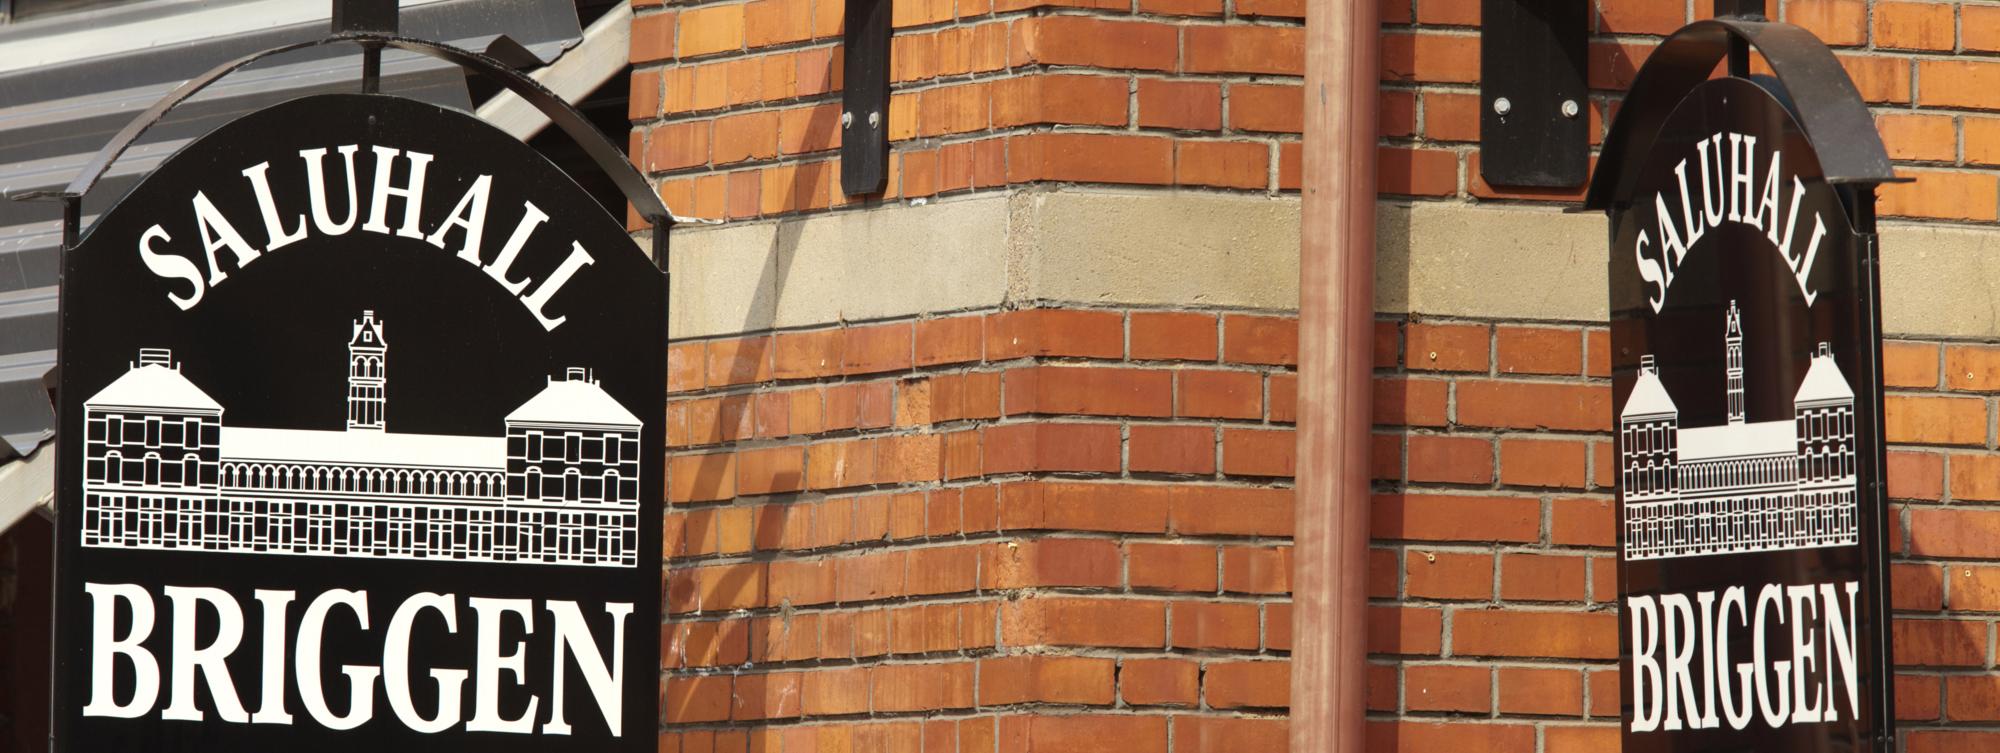 Skyltar hänger på en röd tegelfasad med texten Saluhall Briggen.